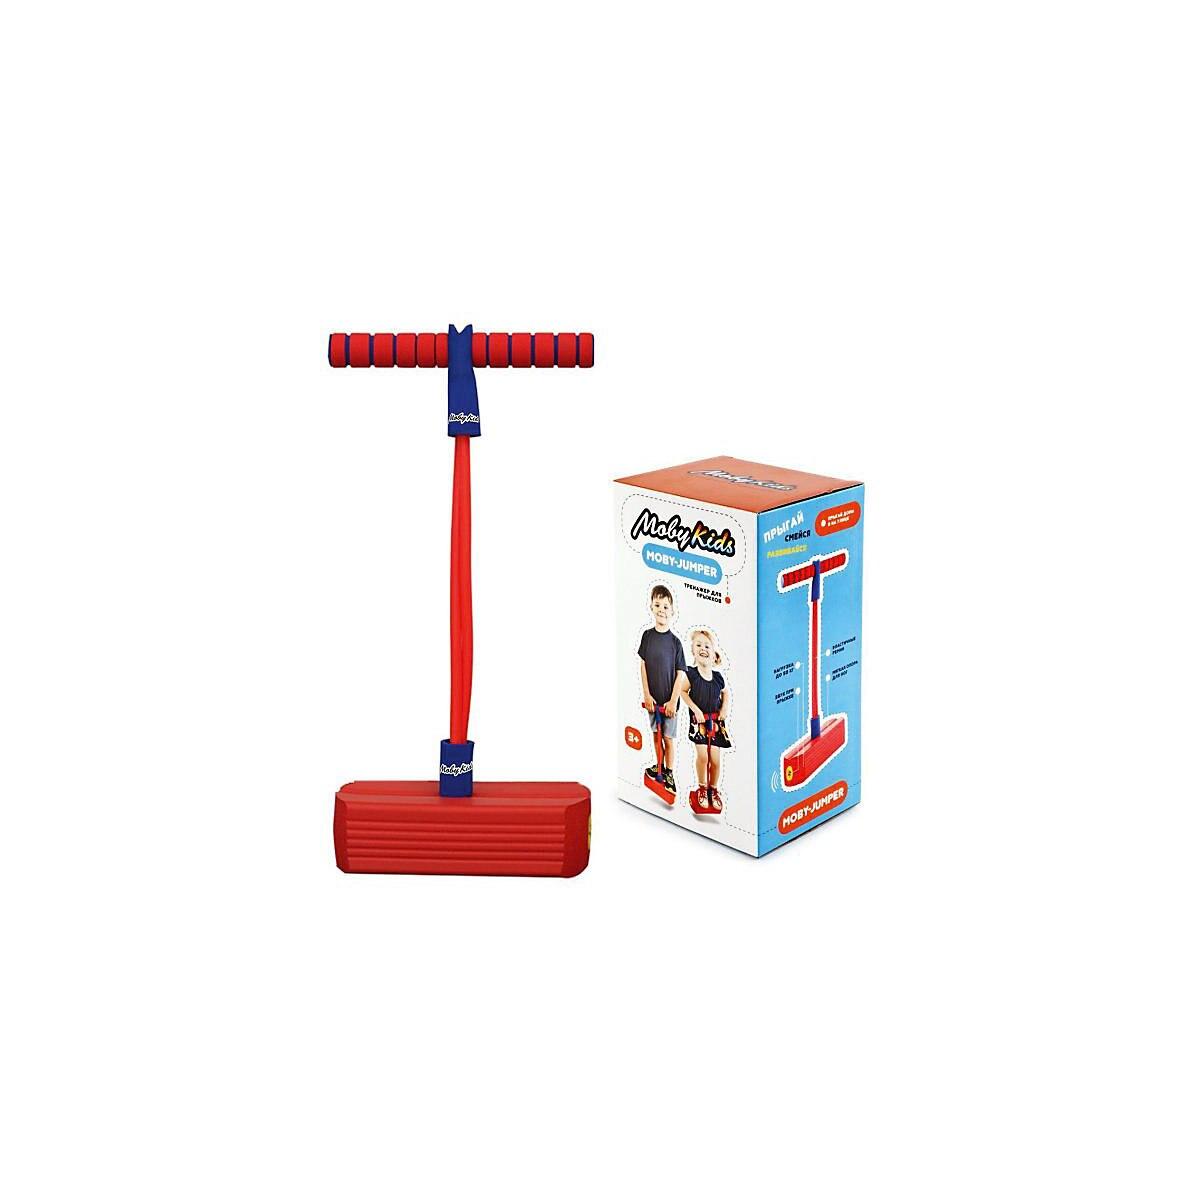 MOBY enfants bébé activité Gym 7920771 bambin jouets exercice machine pour sauter pour les filles et les garçons MTpromo